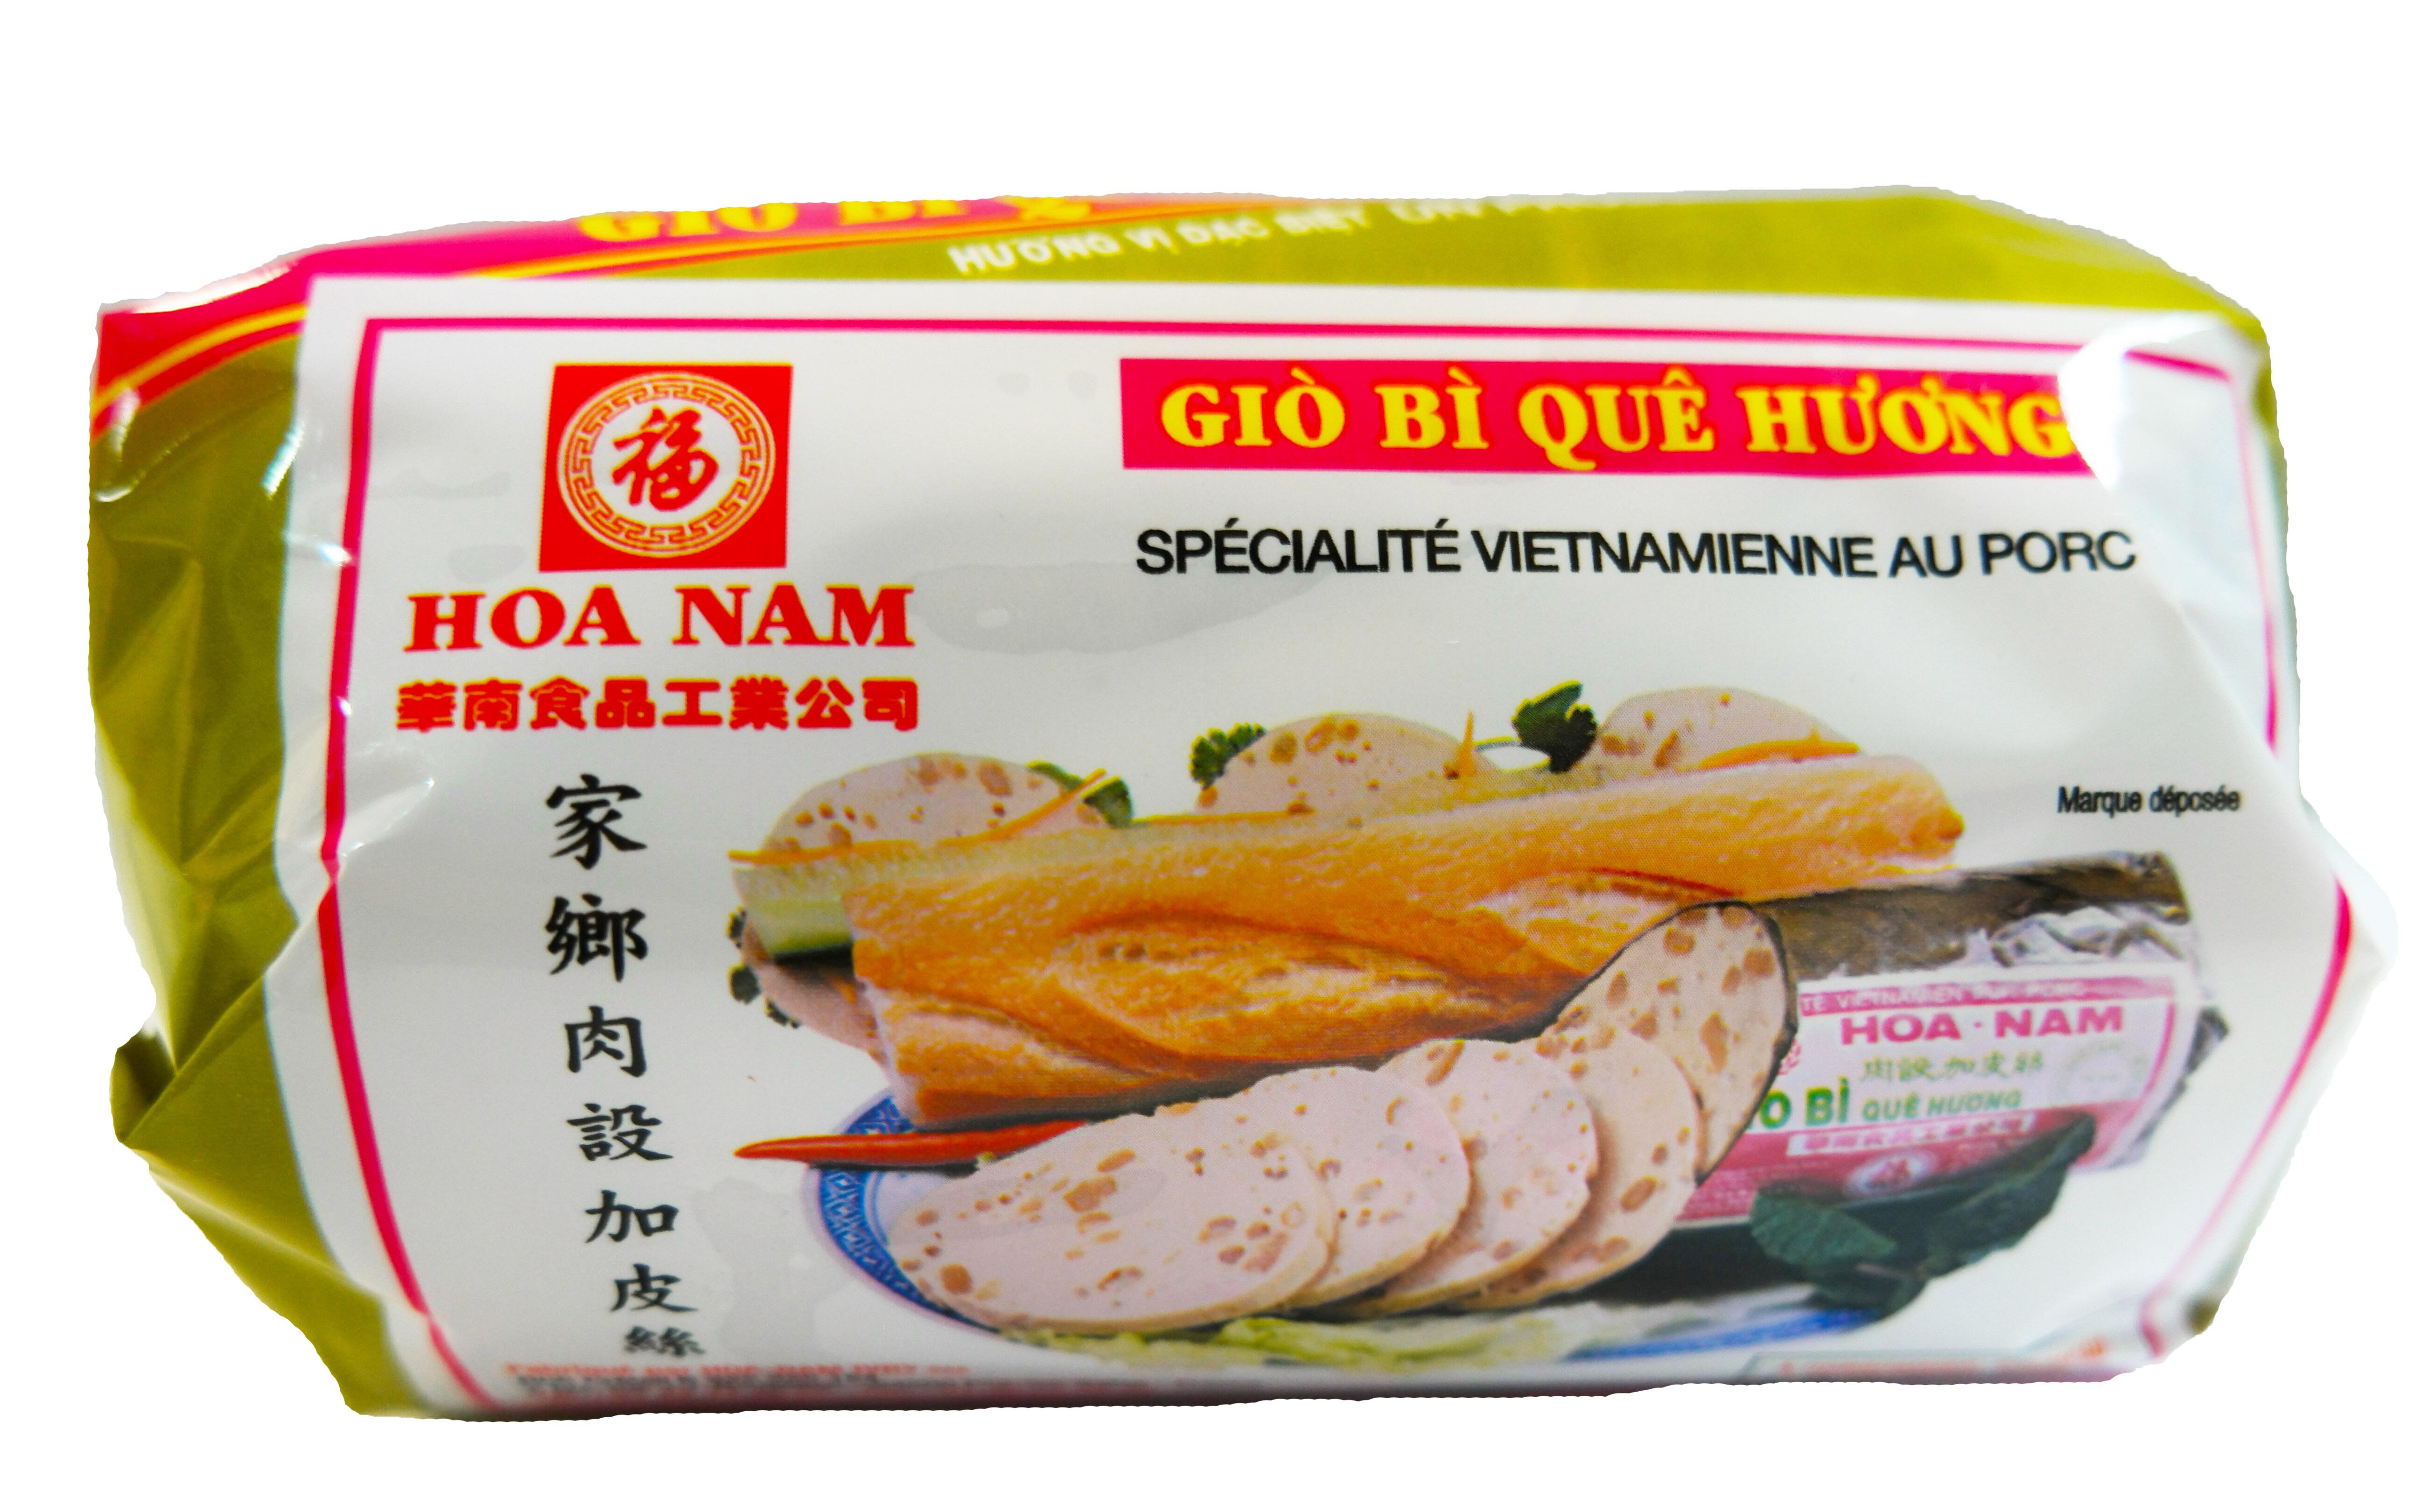 Pâté vietnamien au porc avec couenne Gio Bi Que Huong, Hoanam (500 g)